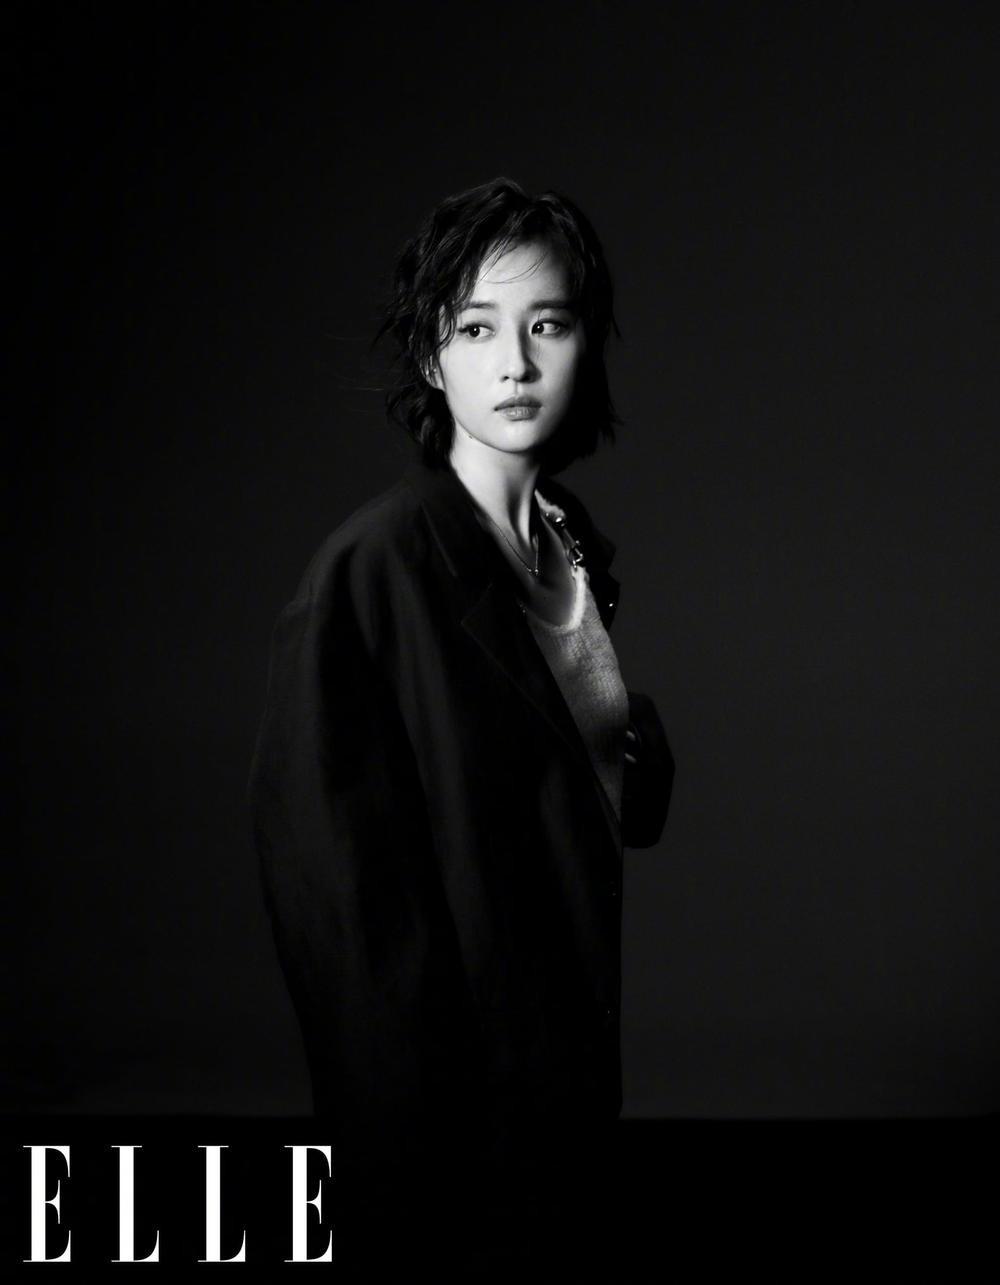 Lưu Diệc Phi lột xác hoàn toàn với visual như nữ idol Kpop trên bìa tạp chí Ảnh 5